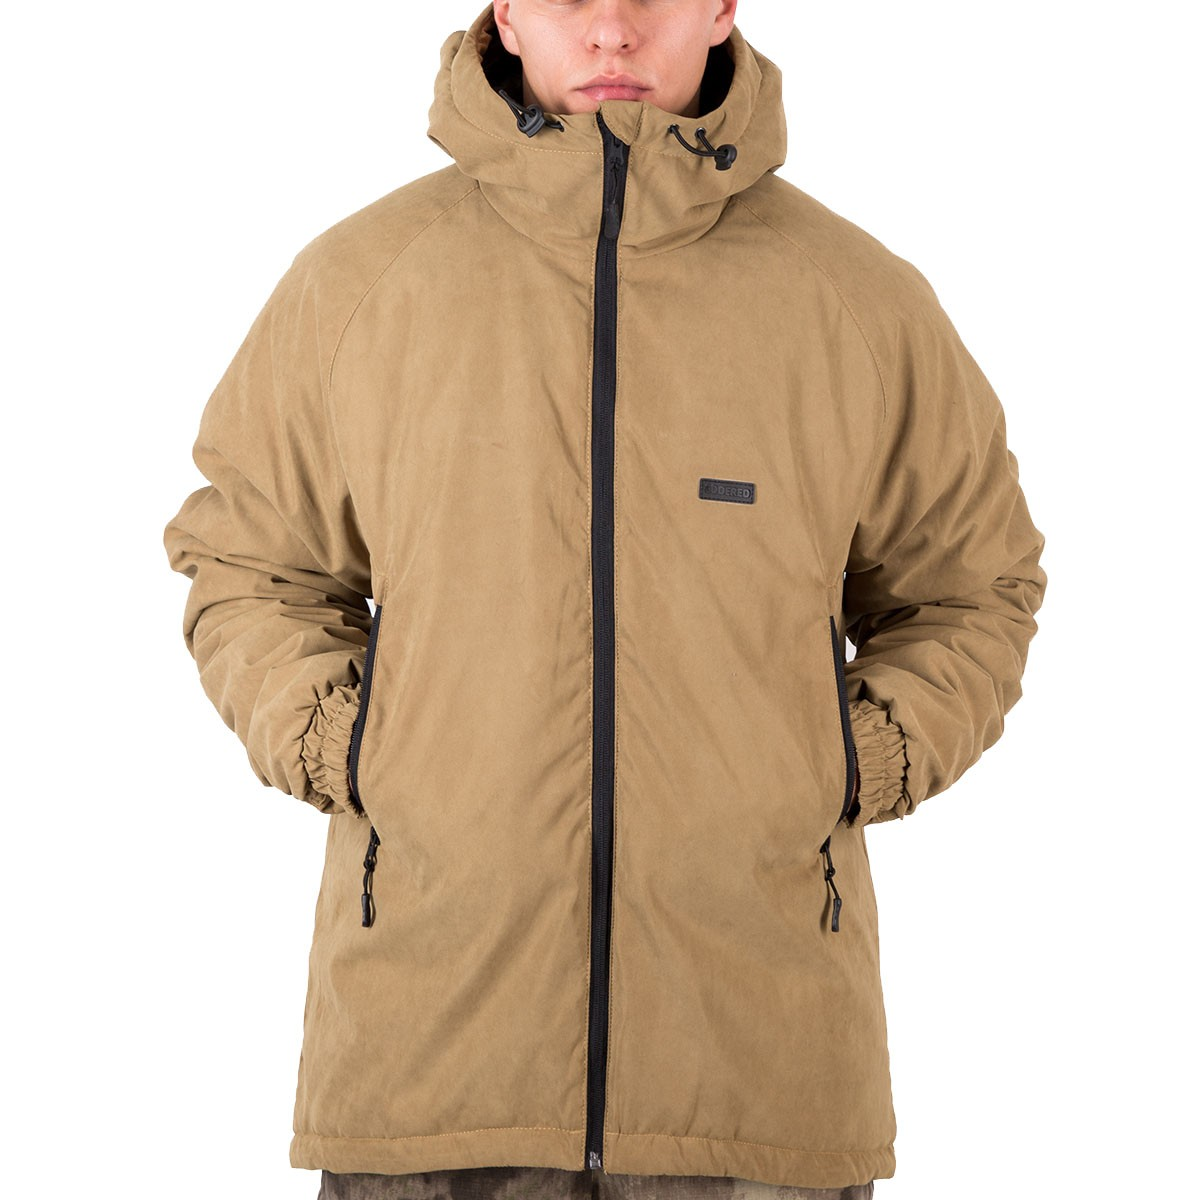 Куртка городская CODERED NIB FW16 купить в Москве, Санкт-Петербурге ... 01288047167